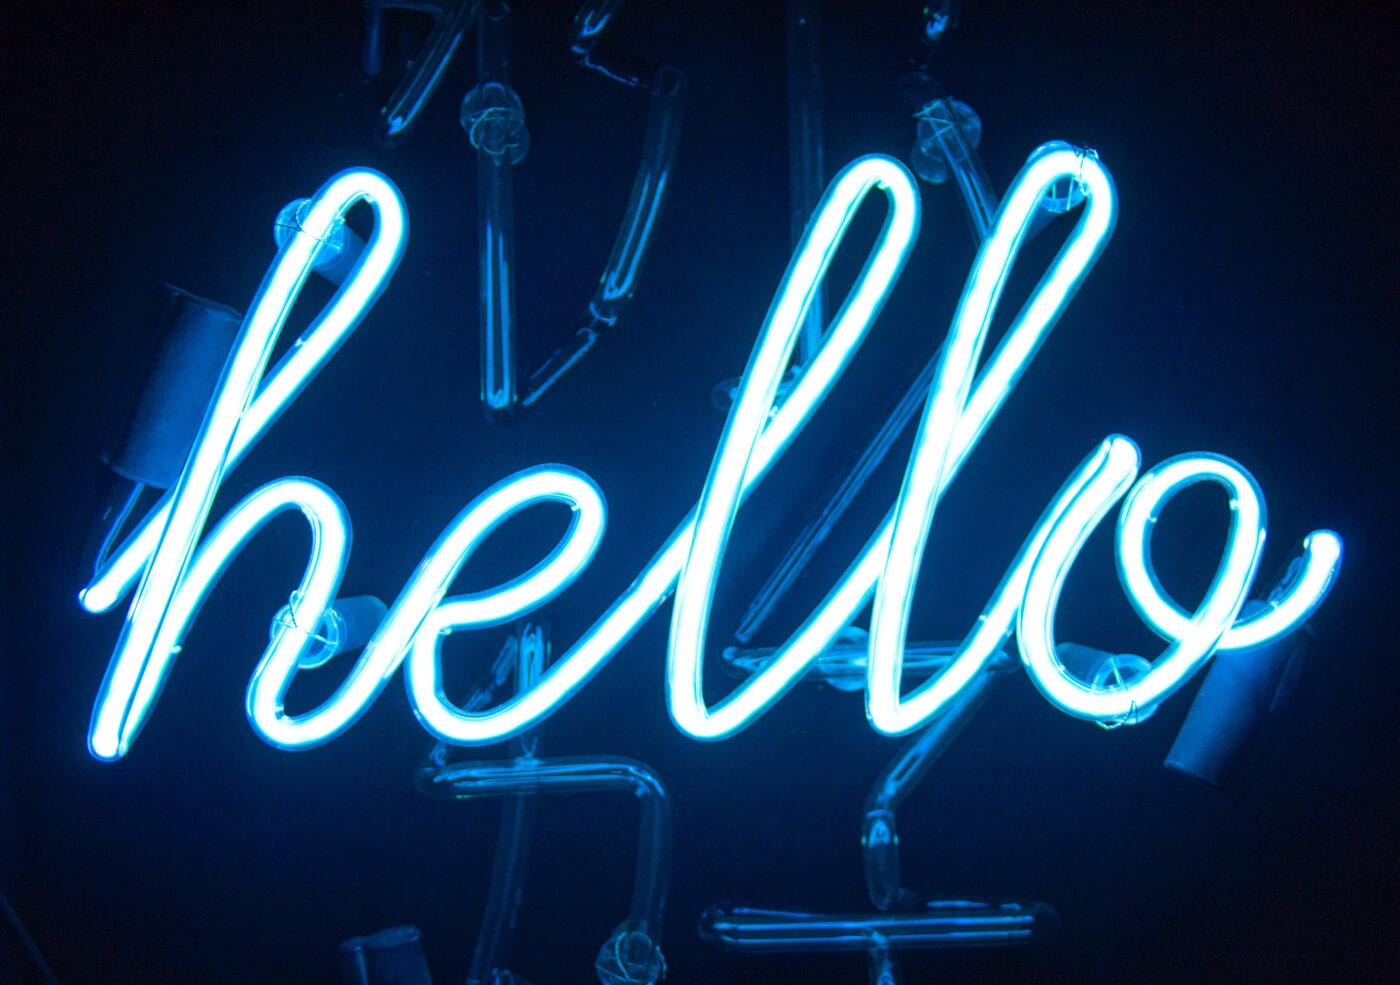 a neon sign 'hello'